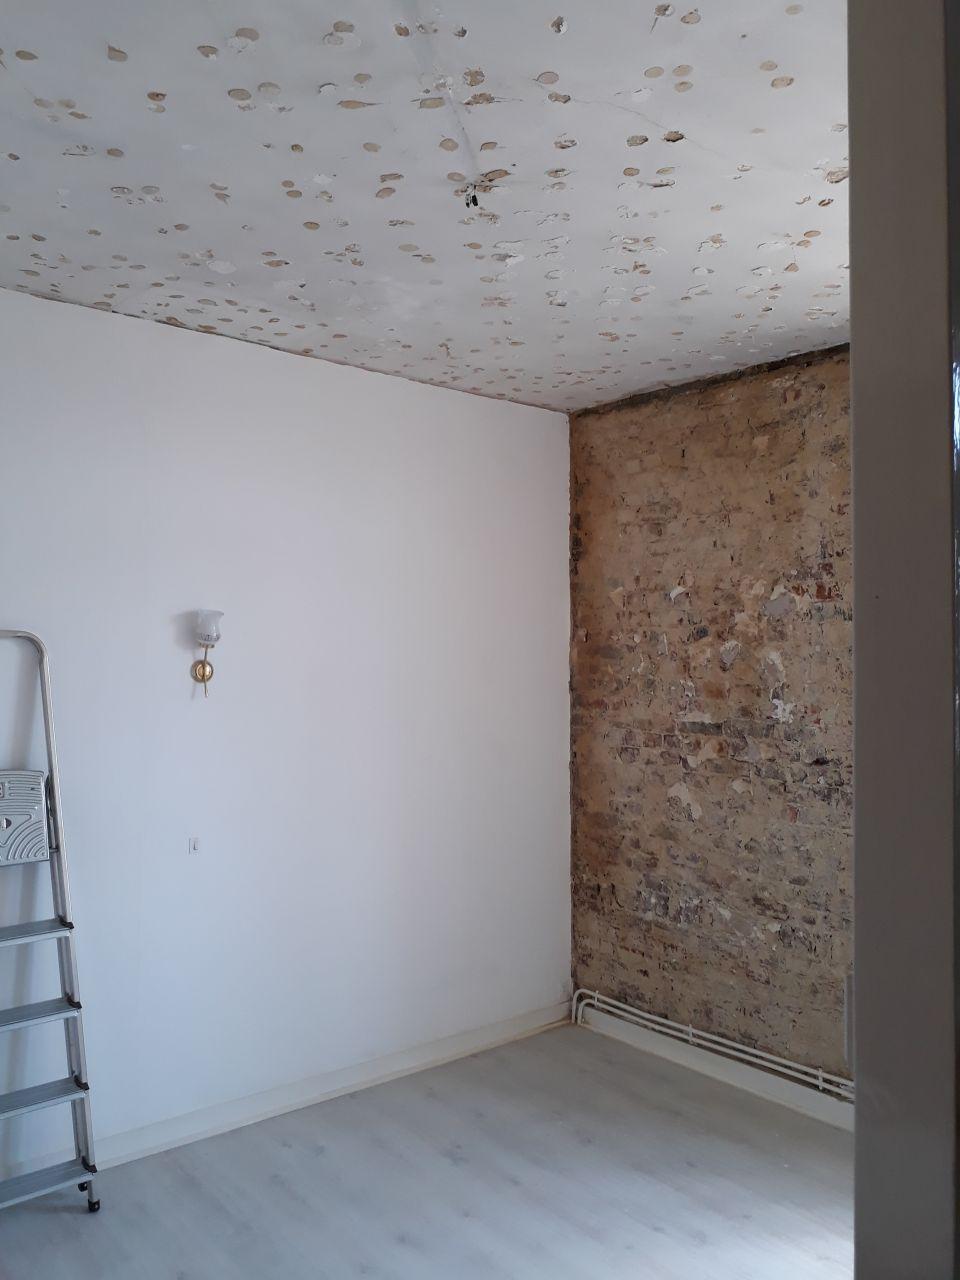 Chambre jardin mur humide démonté